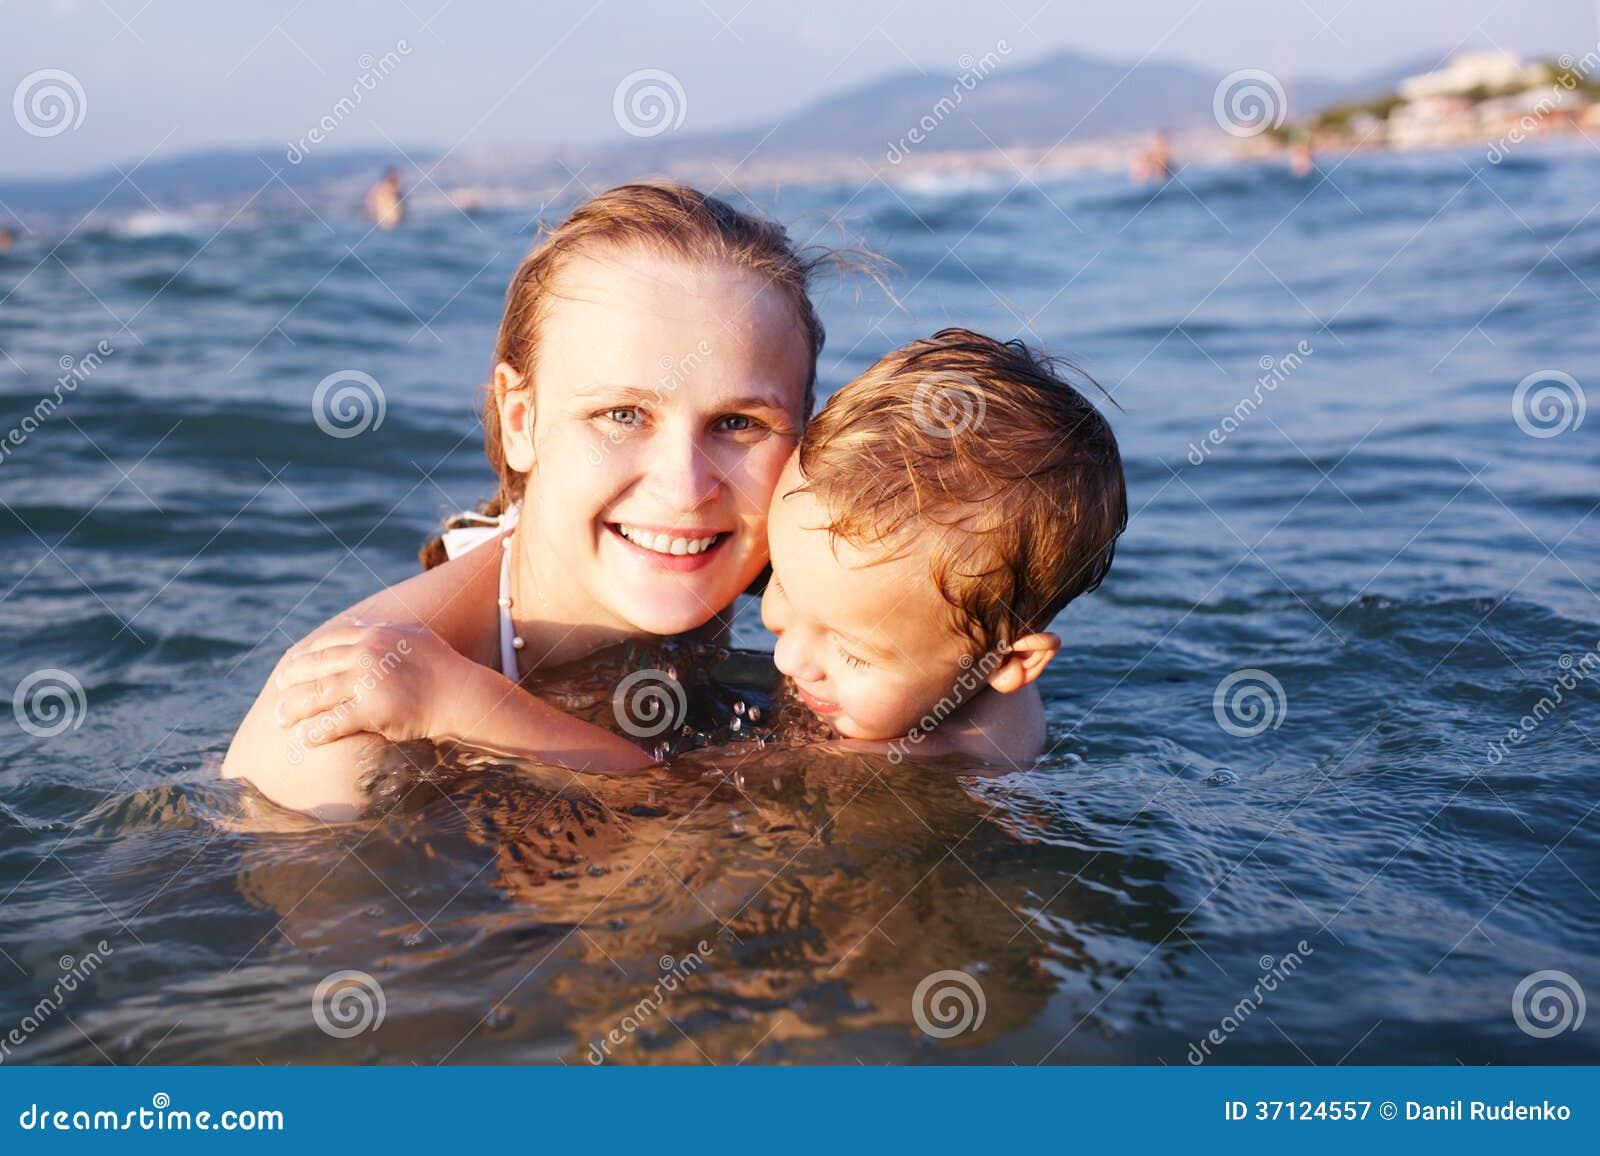 Сын купается с мамой 7 фотография